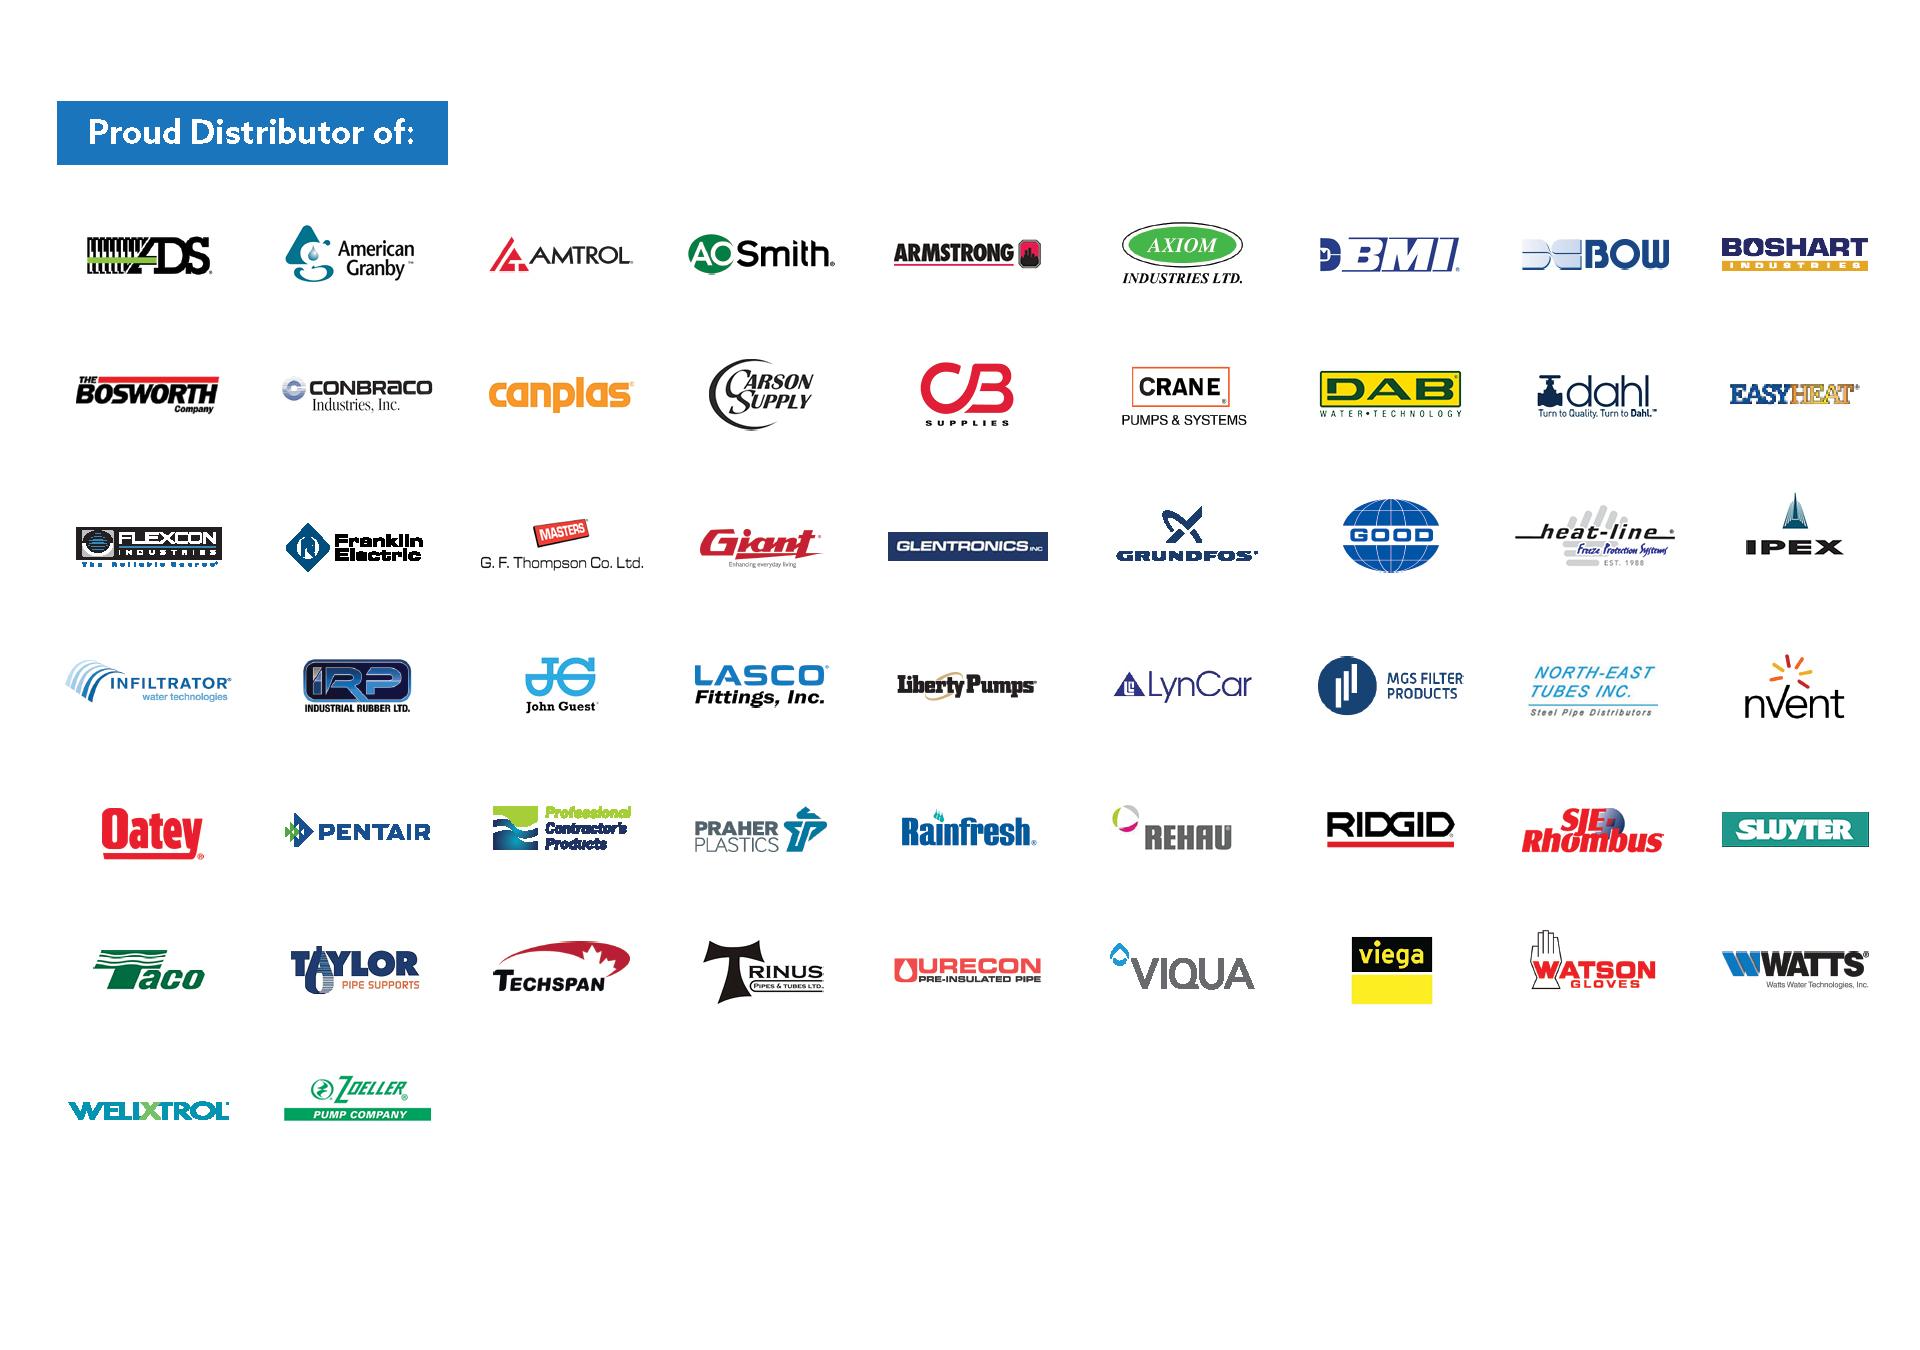 Vendor logos 2021